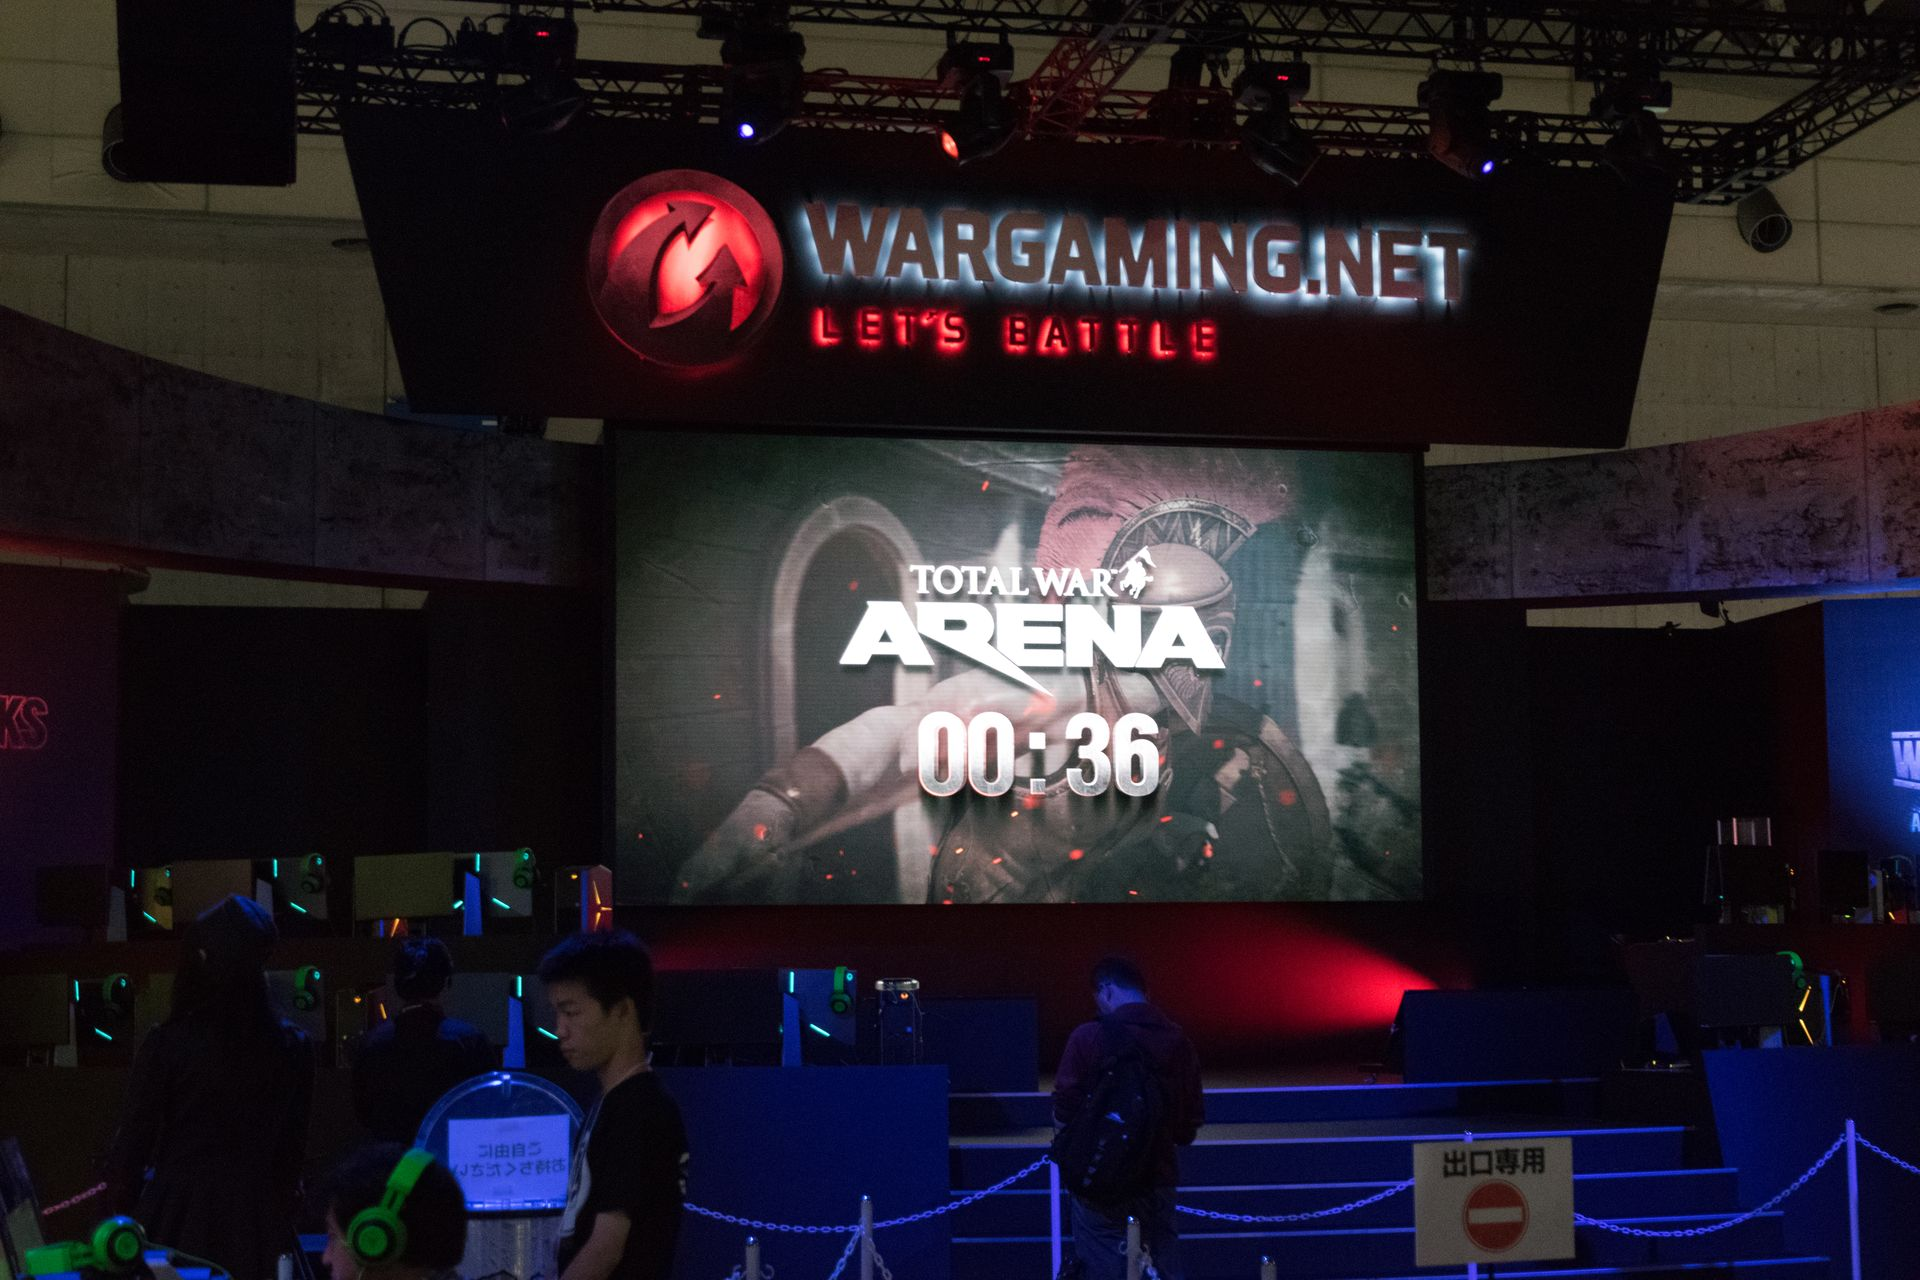 Wargaming.netのメインステージは昨年より大型。ビジネスデーなのに決勝戦あたりではかなりの人が集まっていた